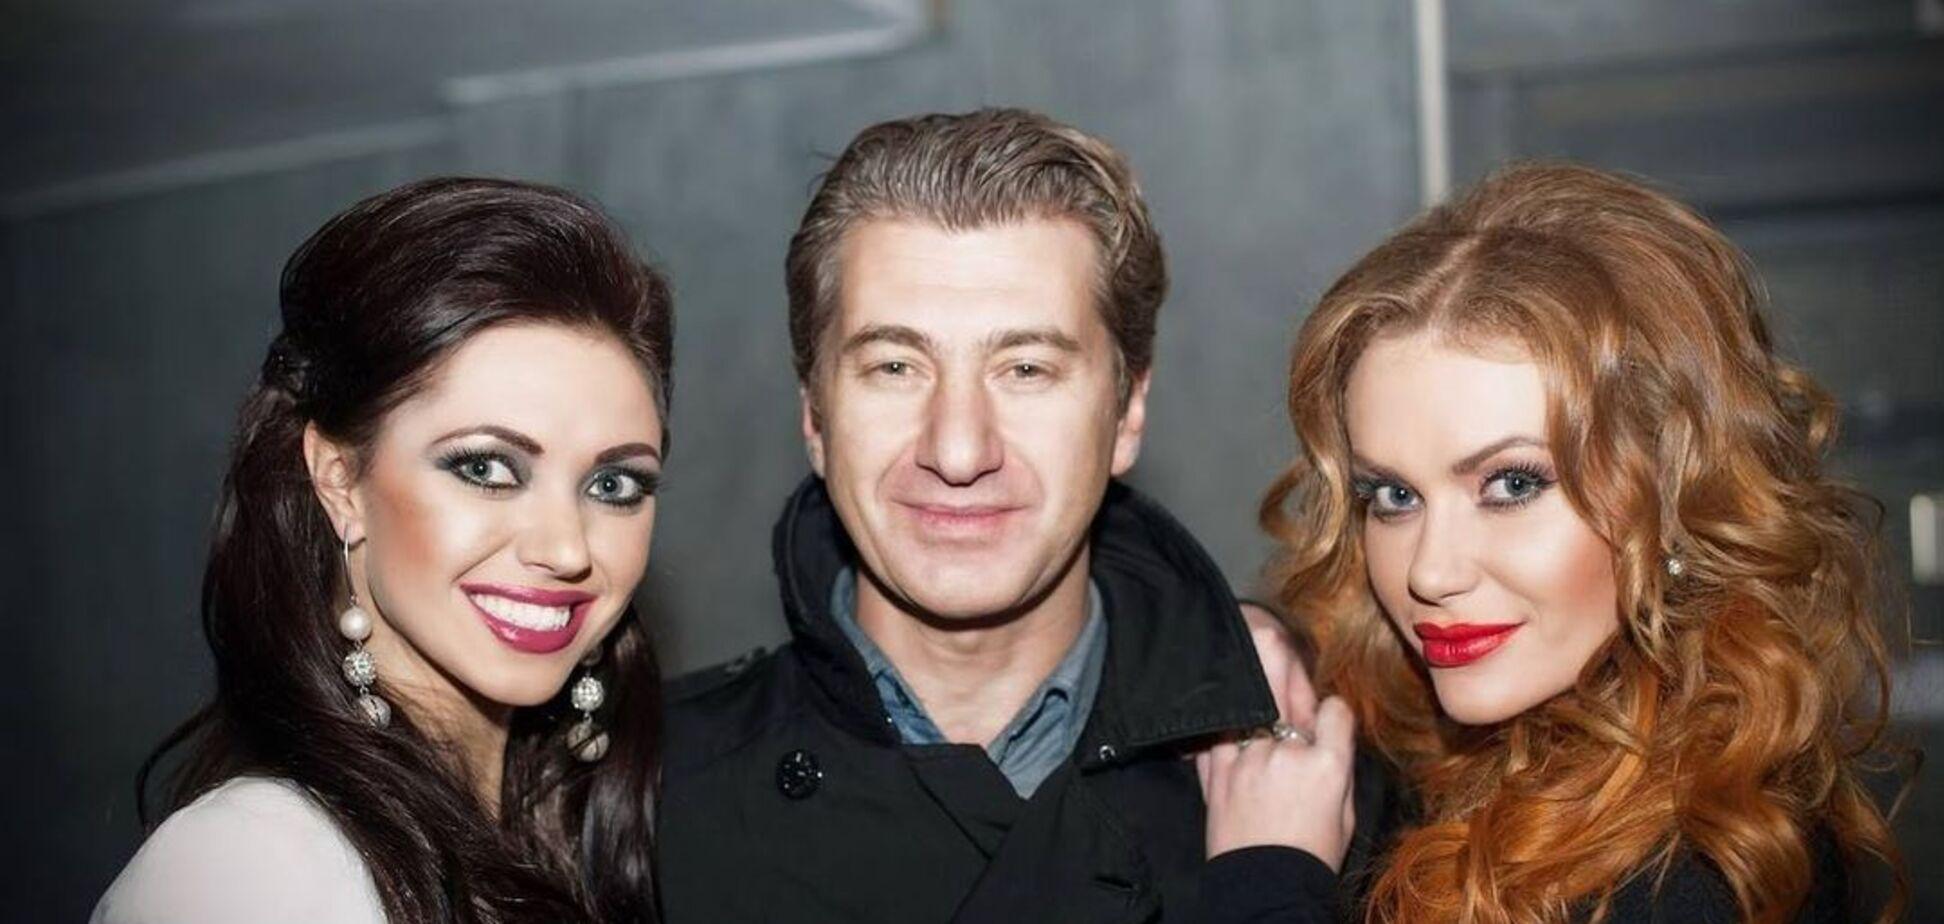 Віка з 'НеАнгелів' розсекретила, які в неї стосунки з Камінською після розпаду гурту